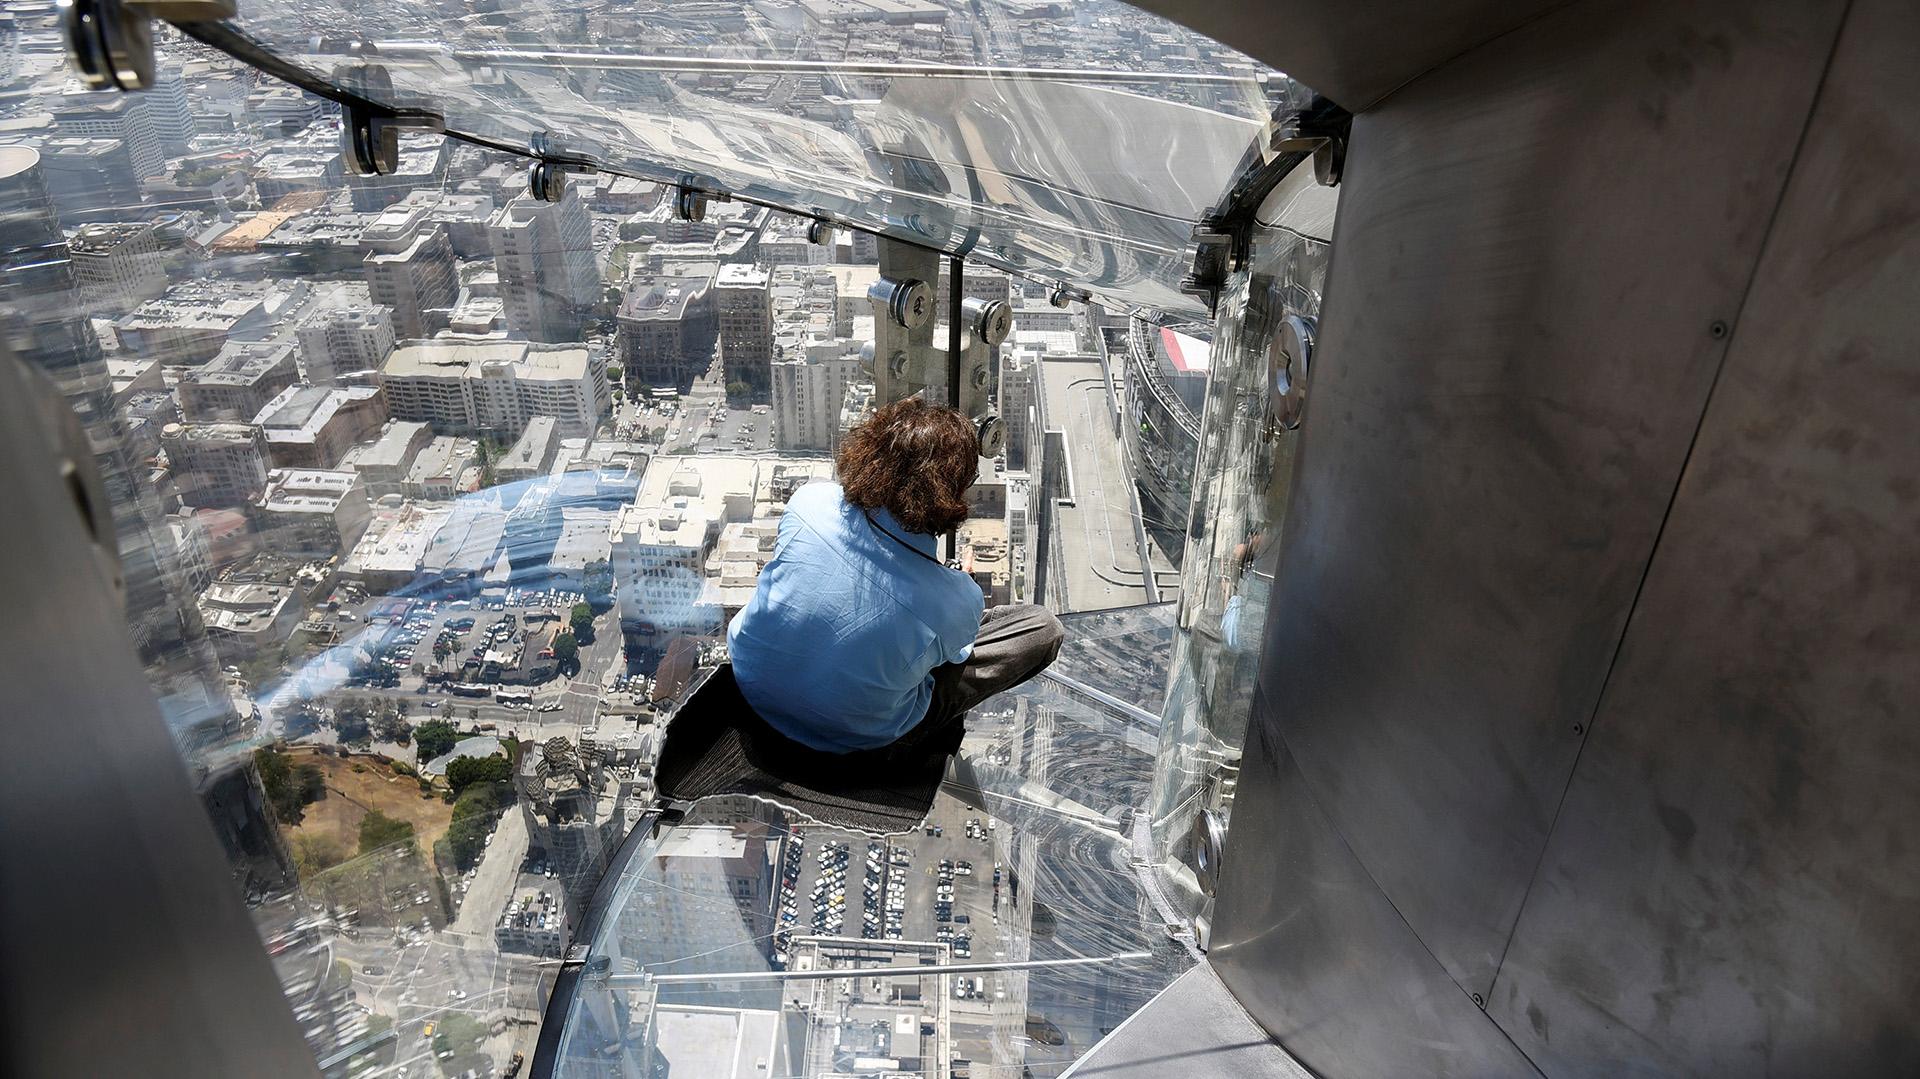 El tobogán está construído en vidrio de 10 centímetros de espesor y mide casi 11 metros de largo (REUTERS)